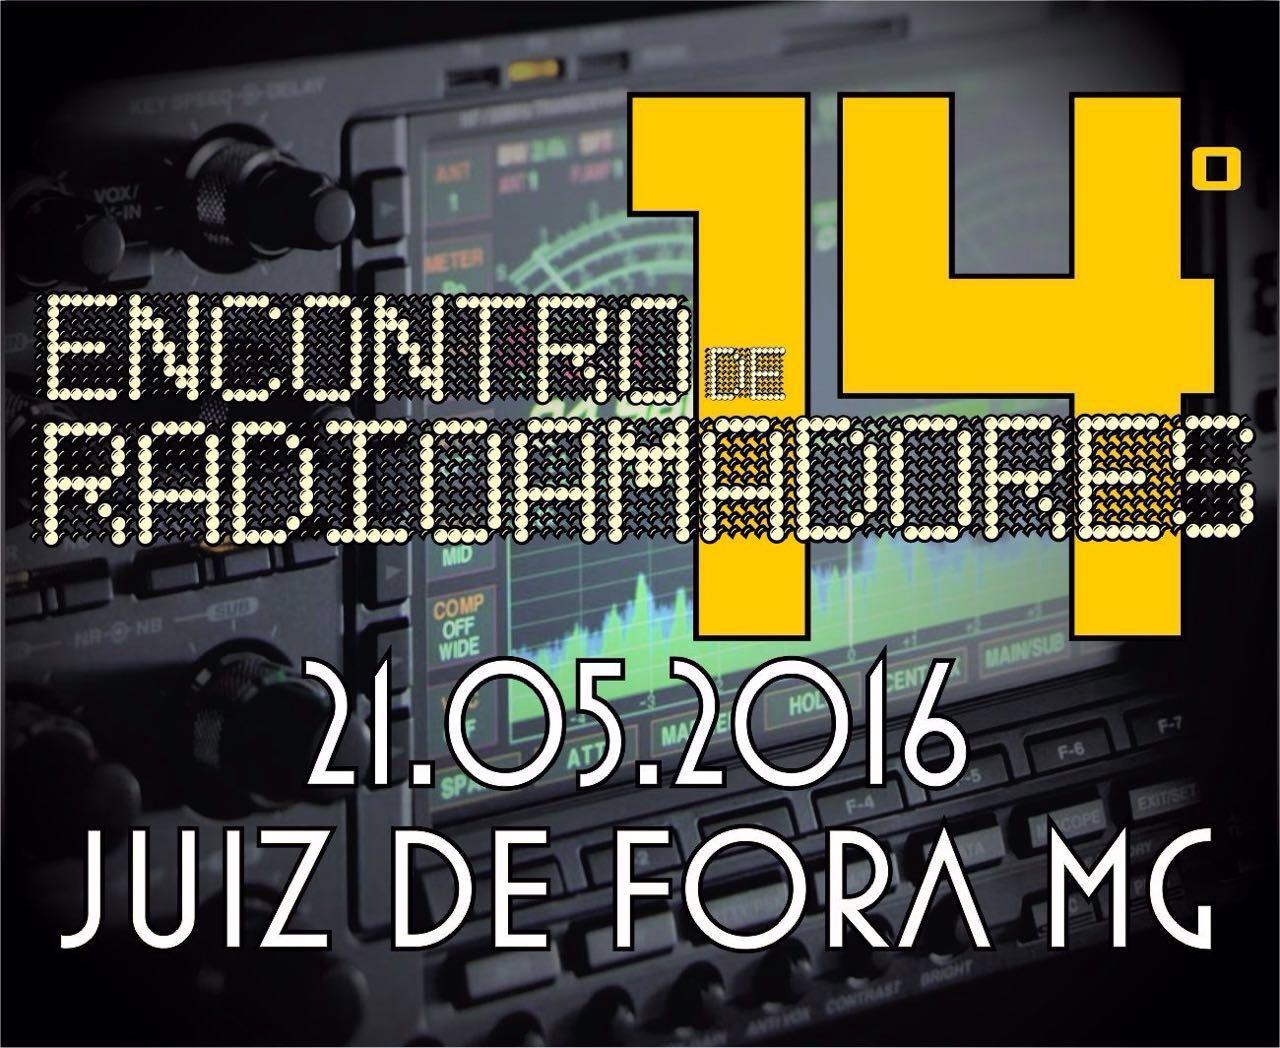 14º ENCONTRO DE RADIOAMADORES EM JUIZ FORA - MG